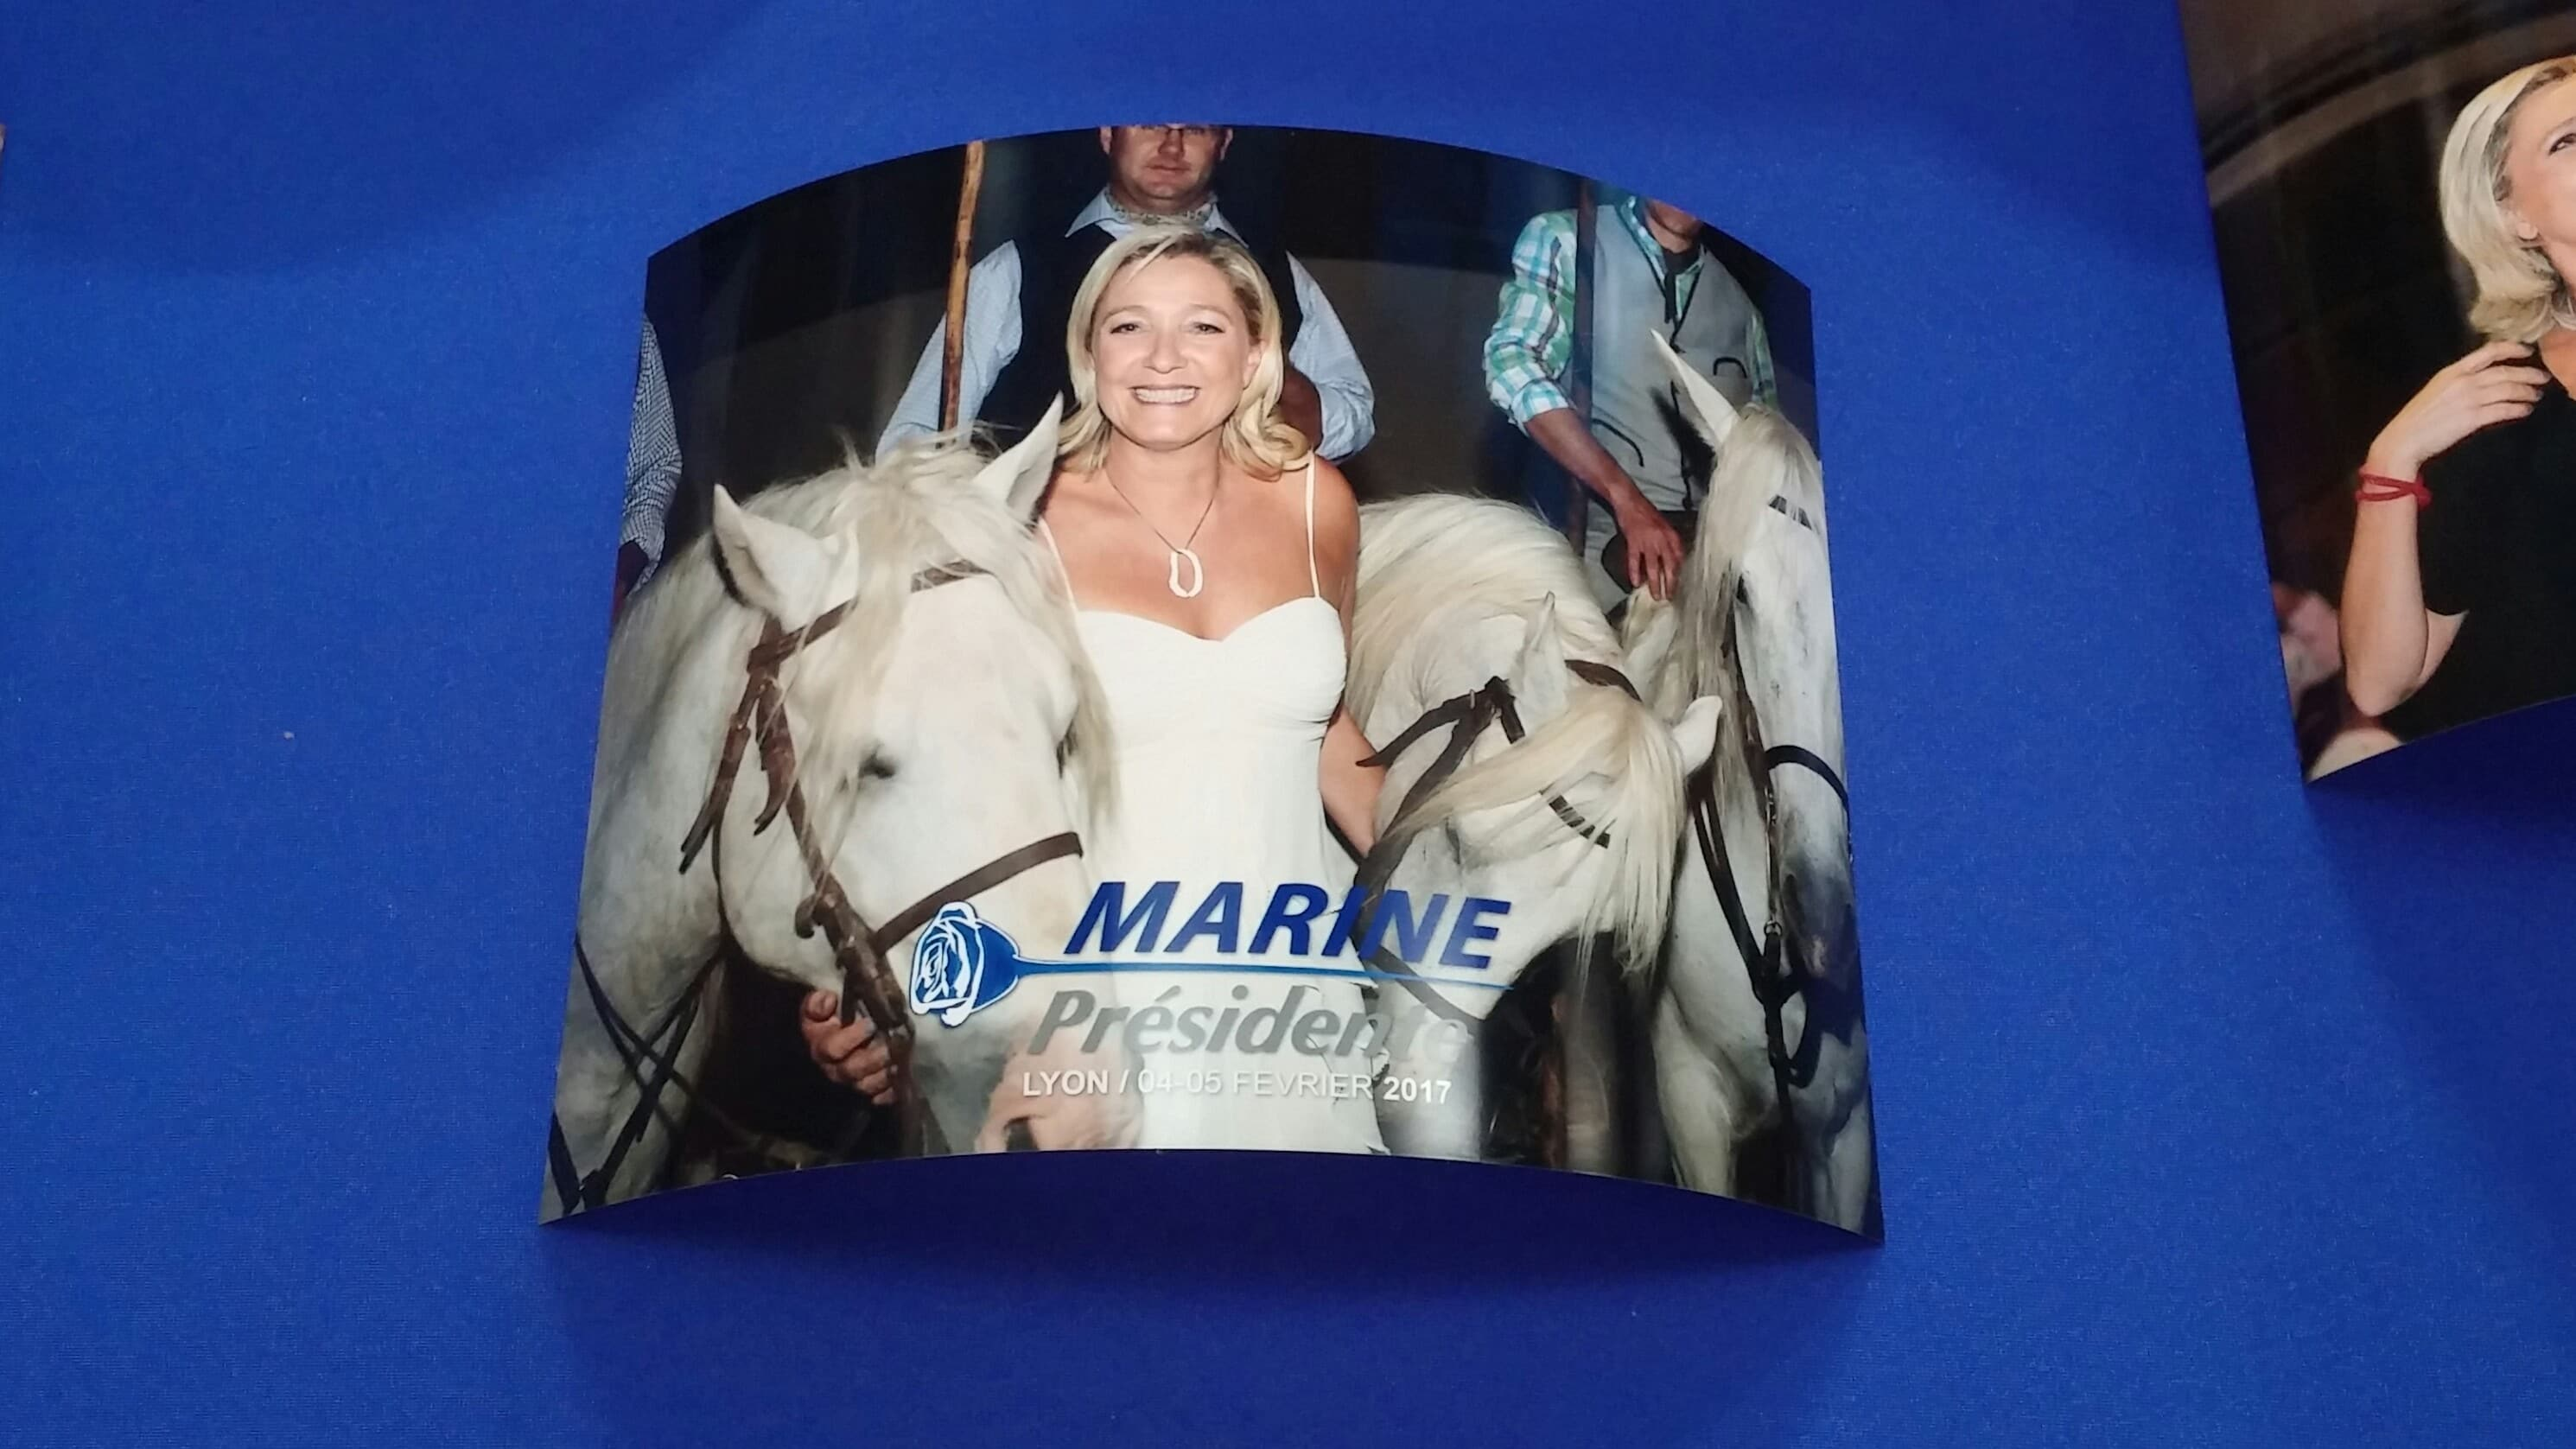 Une photoUne photo de Marine Le Pen en vente lors des Assises présidentielles du FN à Lyon le 4 février 2017. Photo BE/Rue89Lyon en vente lors des Assises présidentielles du FN à Lyon le 4 février 2017. Photo BE/Rue89Lyon